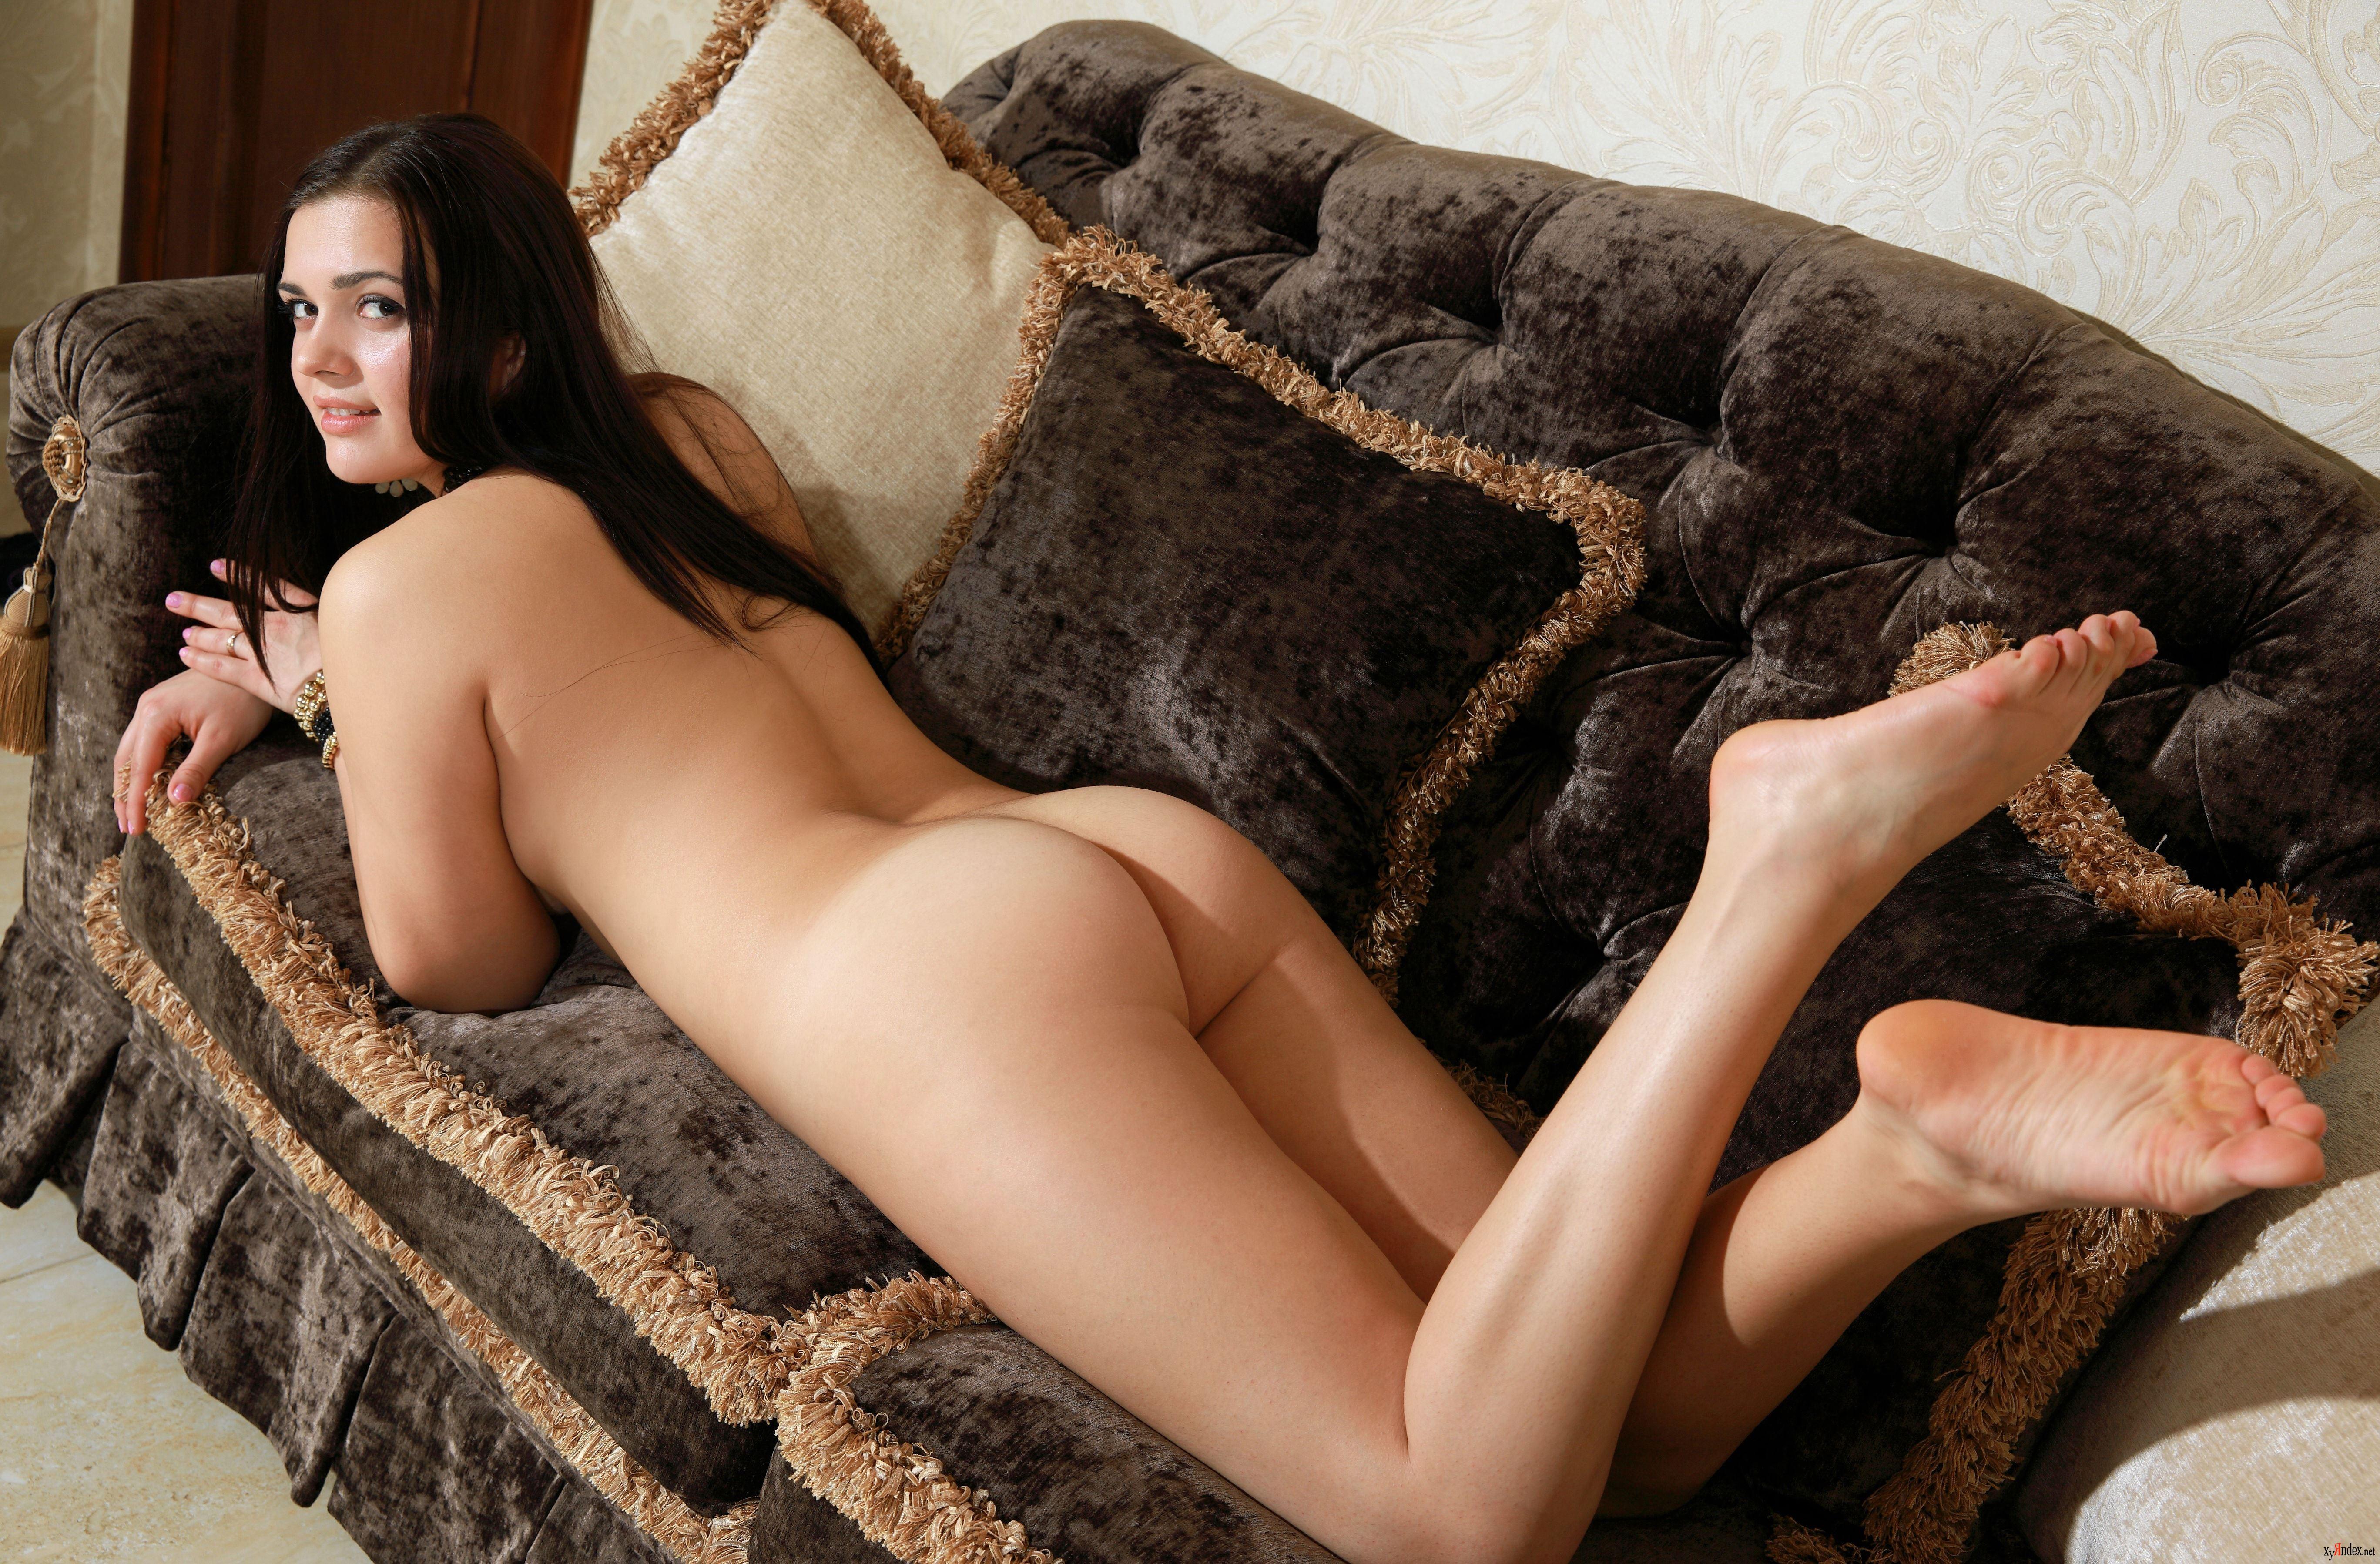 Sexy sofia vergara porn captions